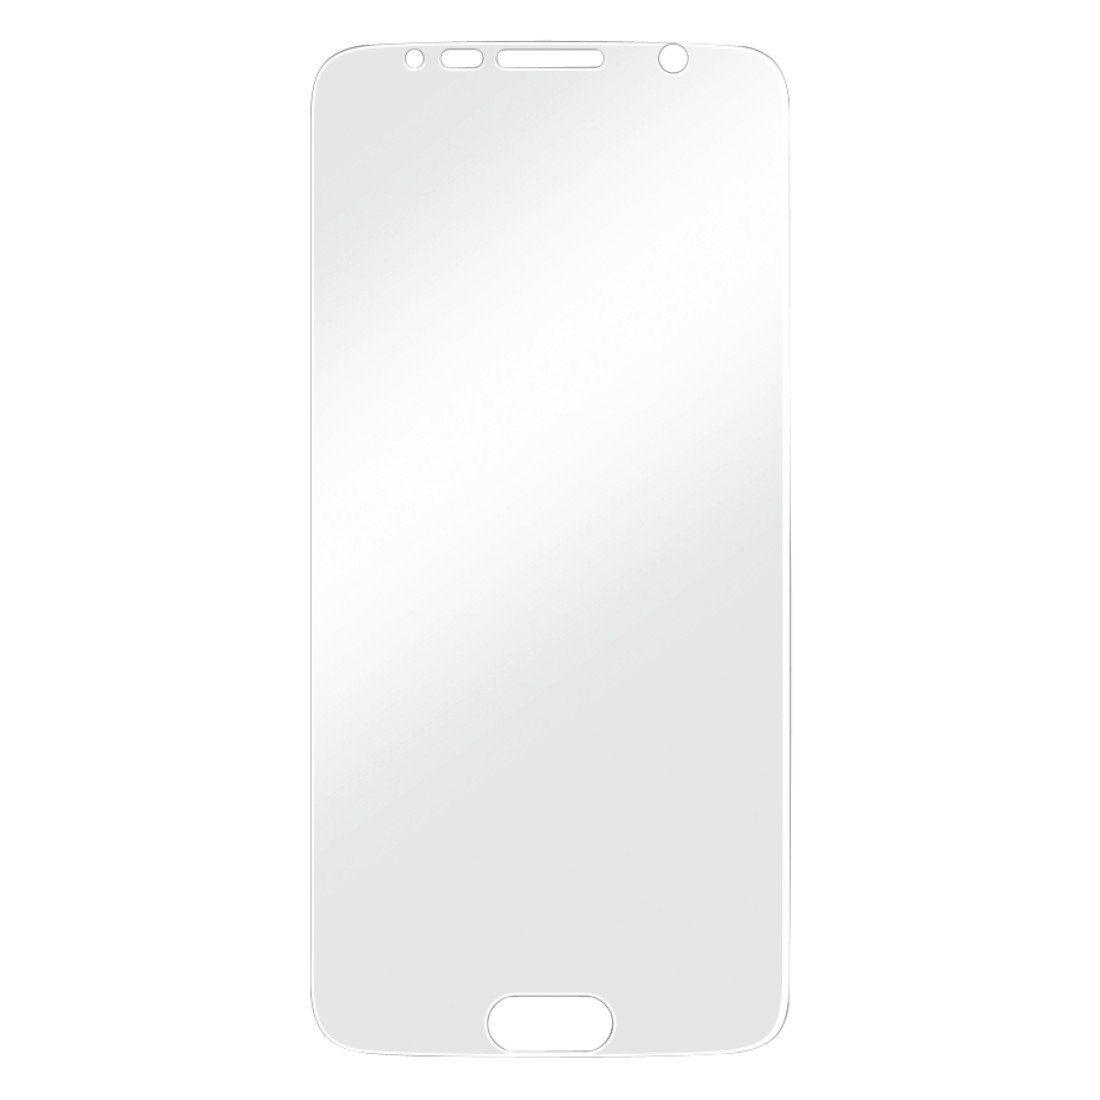 Hama Display-Schutzfolie Anti-Reflex für Samsung Galaxy S6